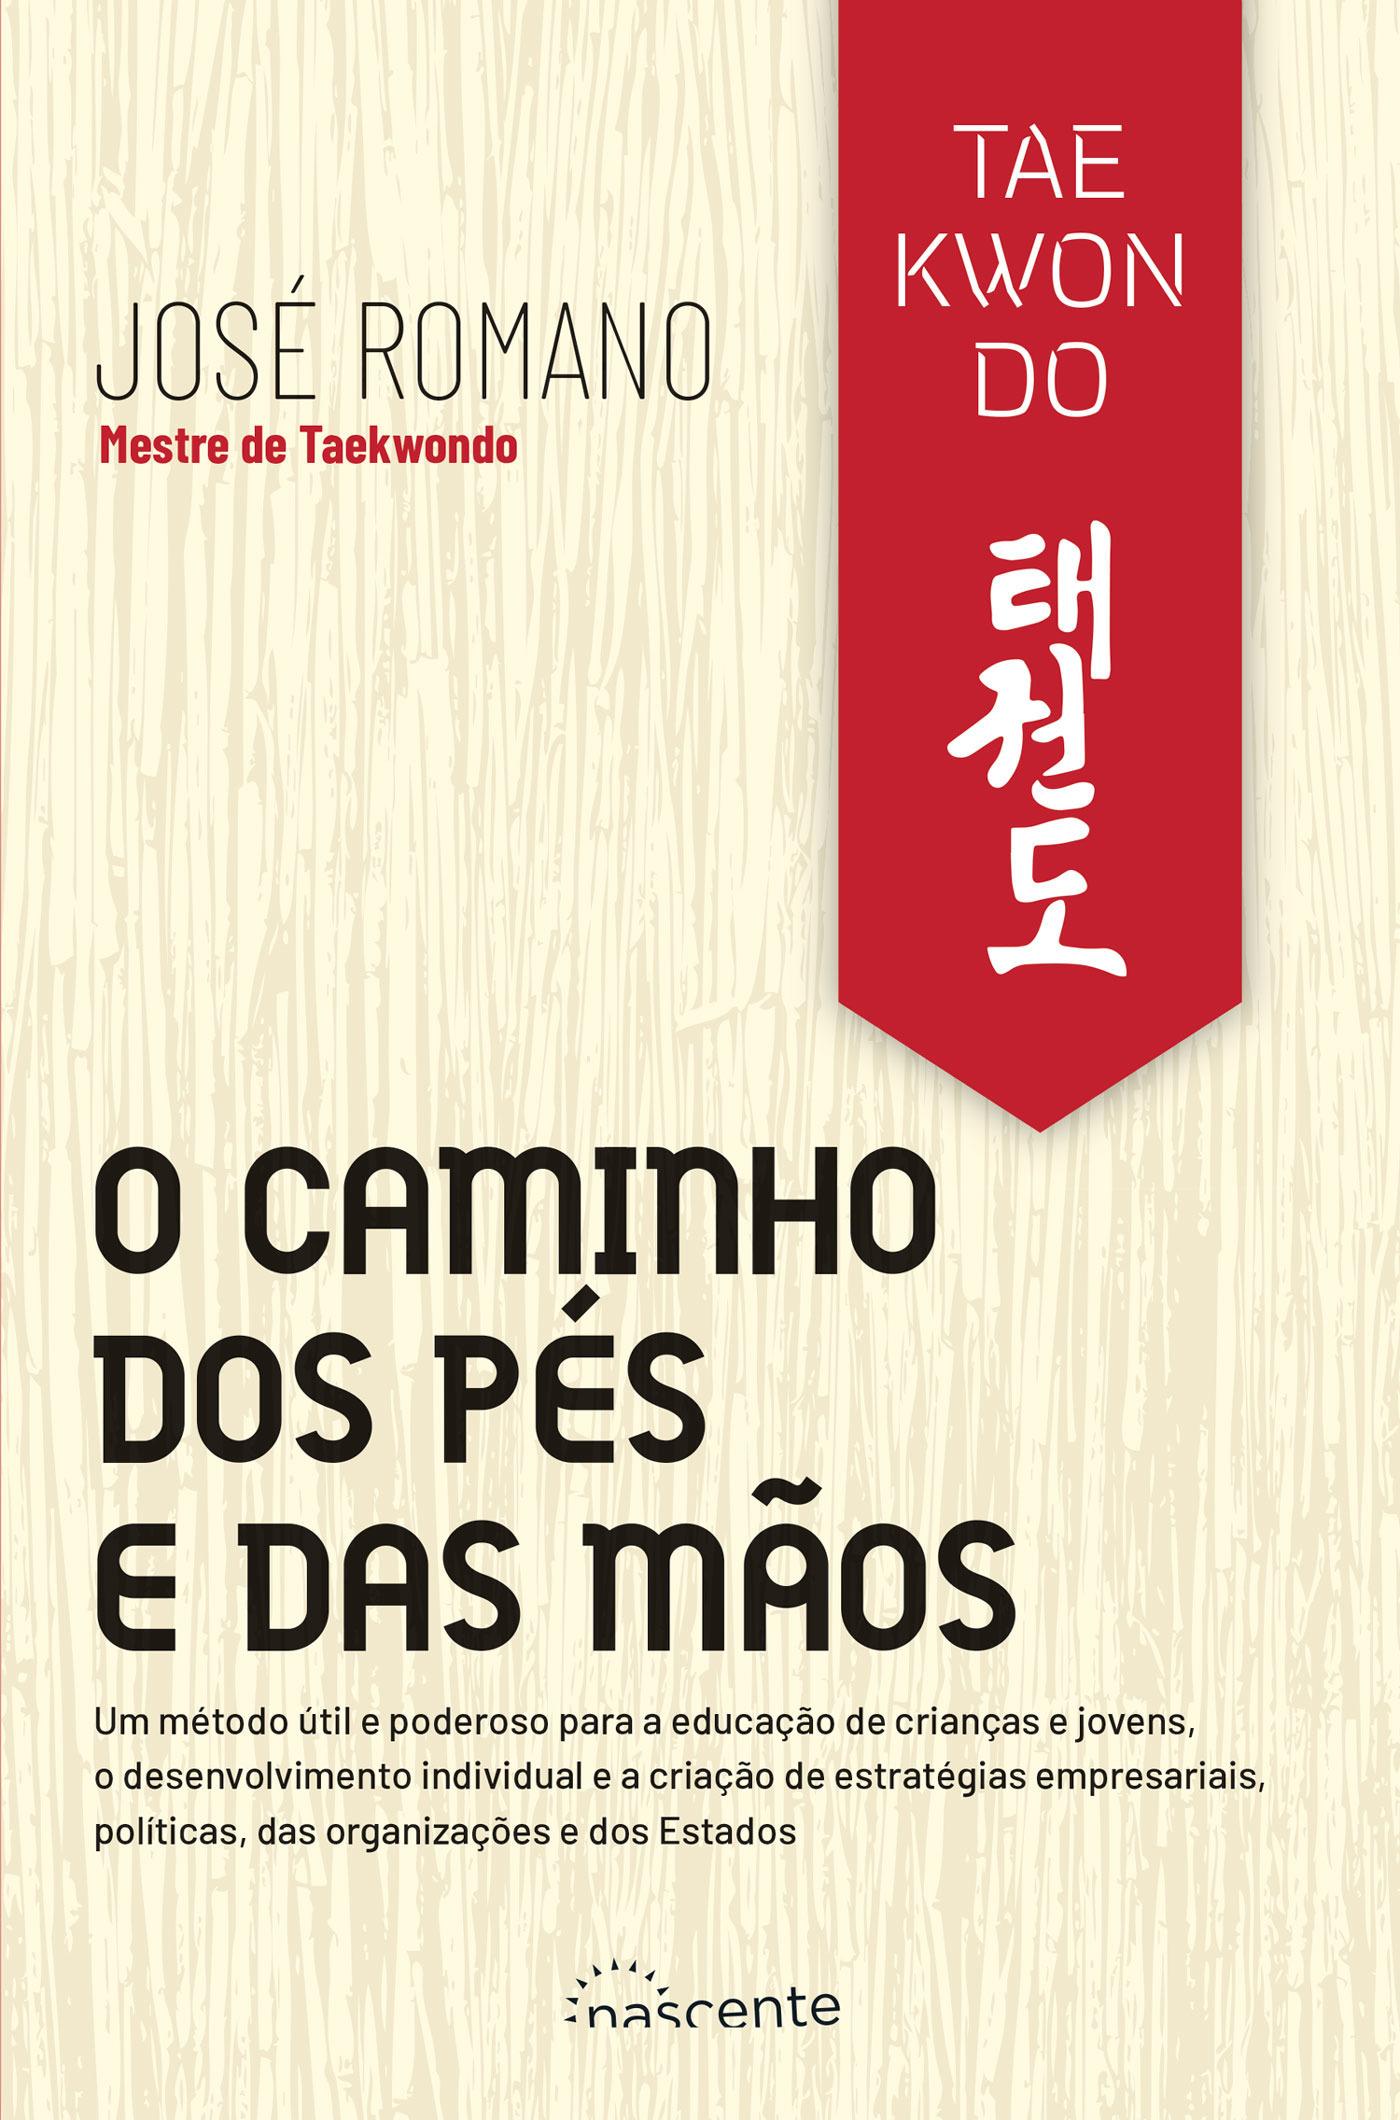 Taekwondo: O Caminho dos Pés e das Mãos